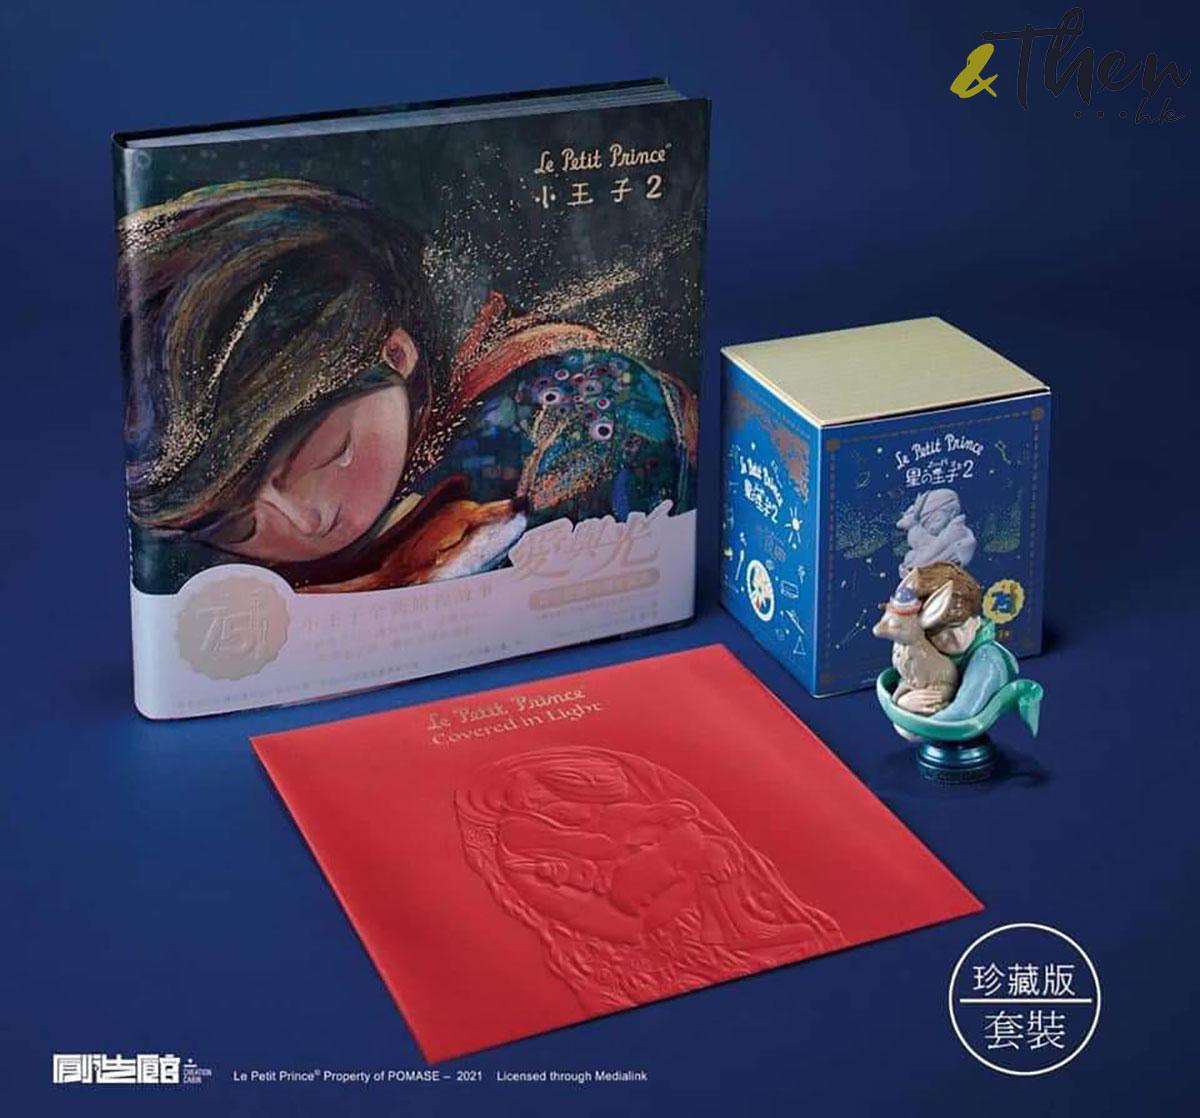 小王子2 愛與光 蔡景康 插畫 繪本 書展 小王子珍藏禮盒 老虎與雪半身像